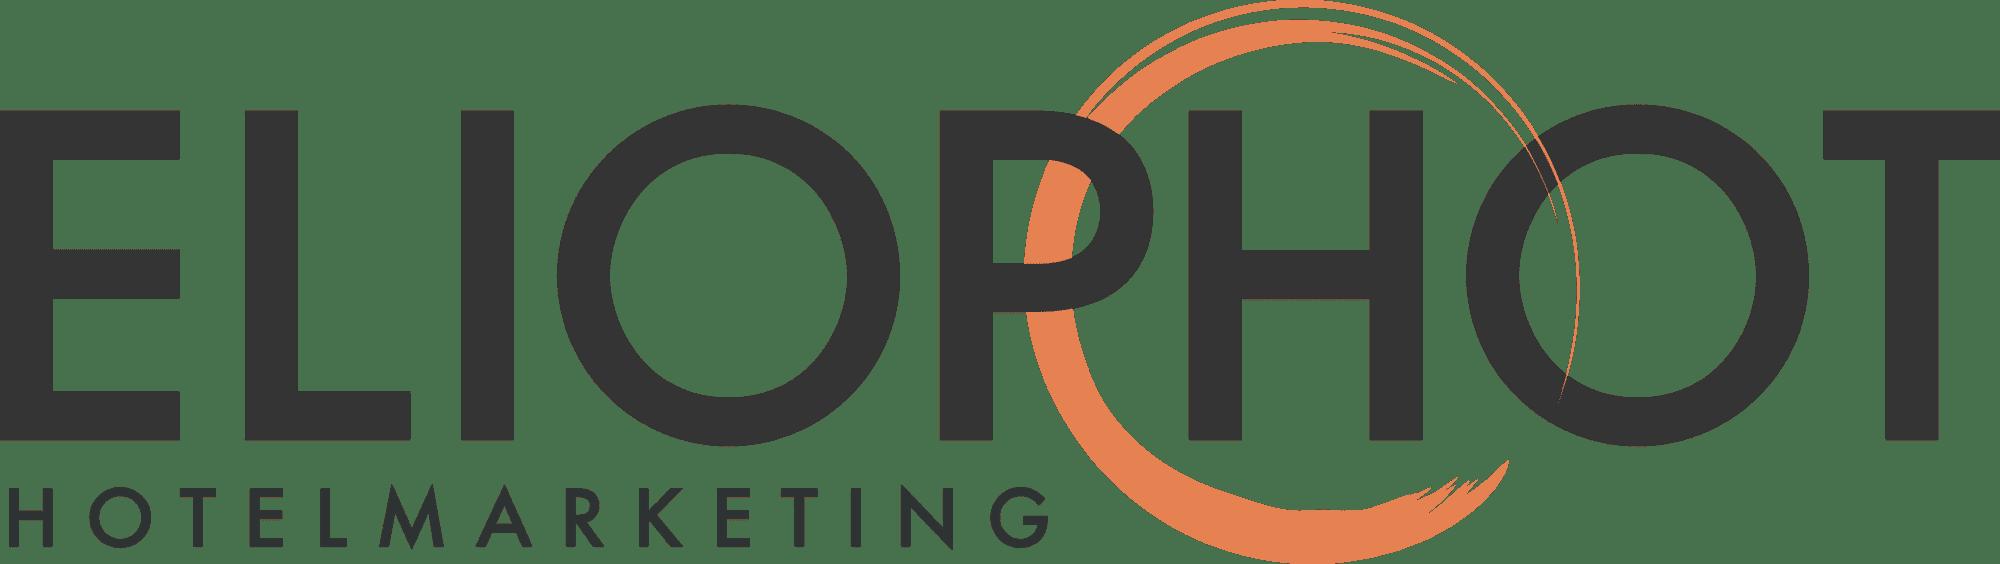 ELIOPHOT HOTEL MARKETING